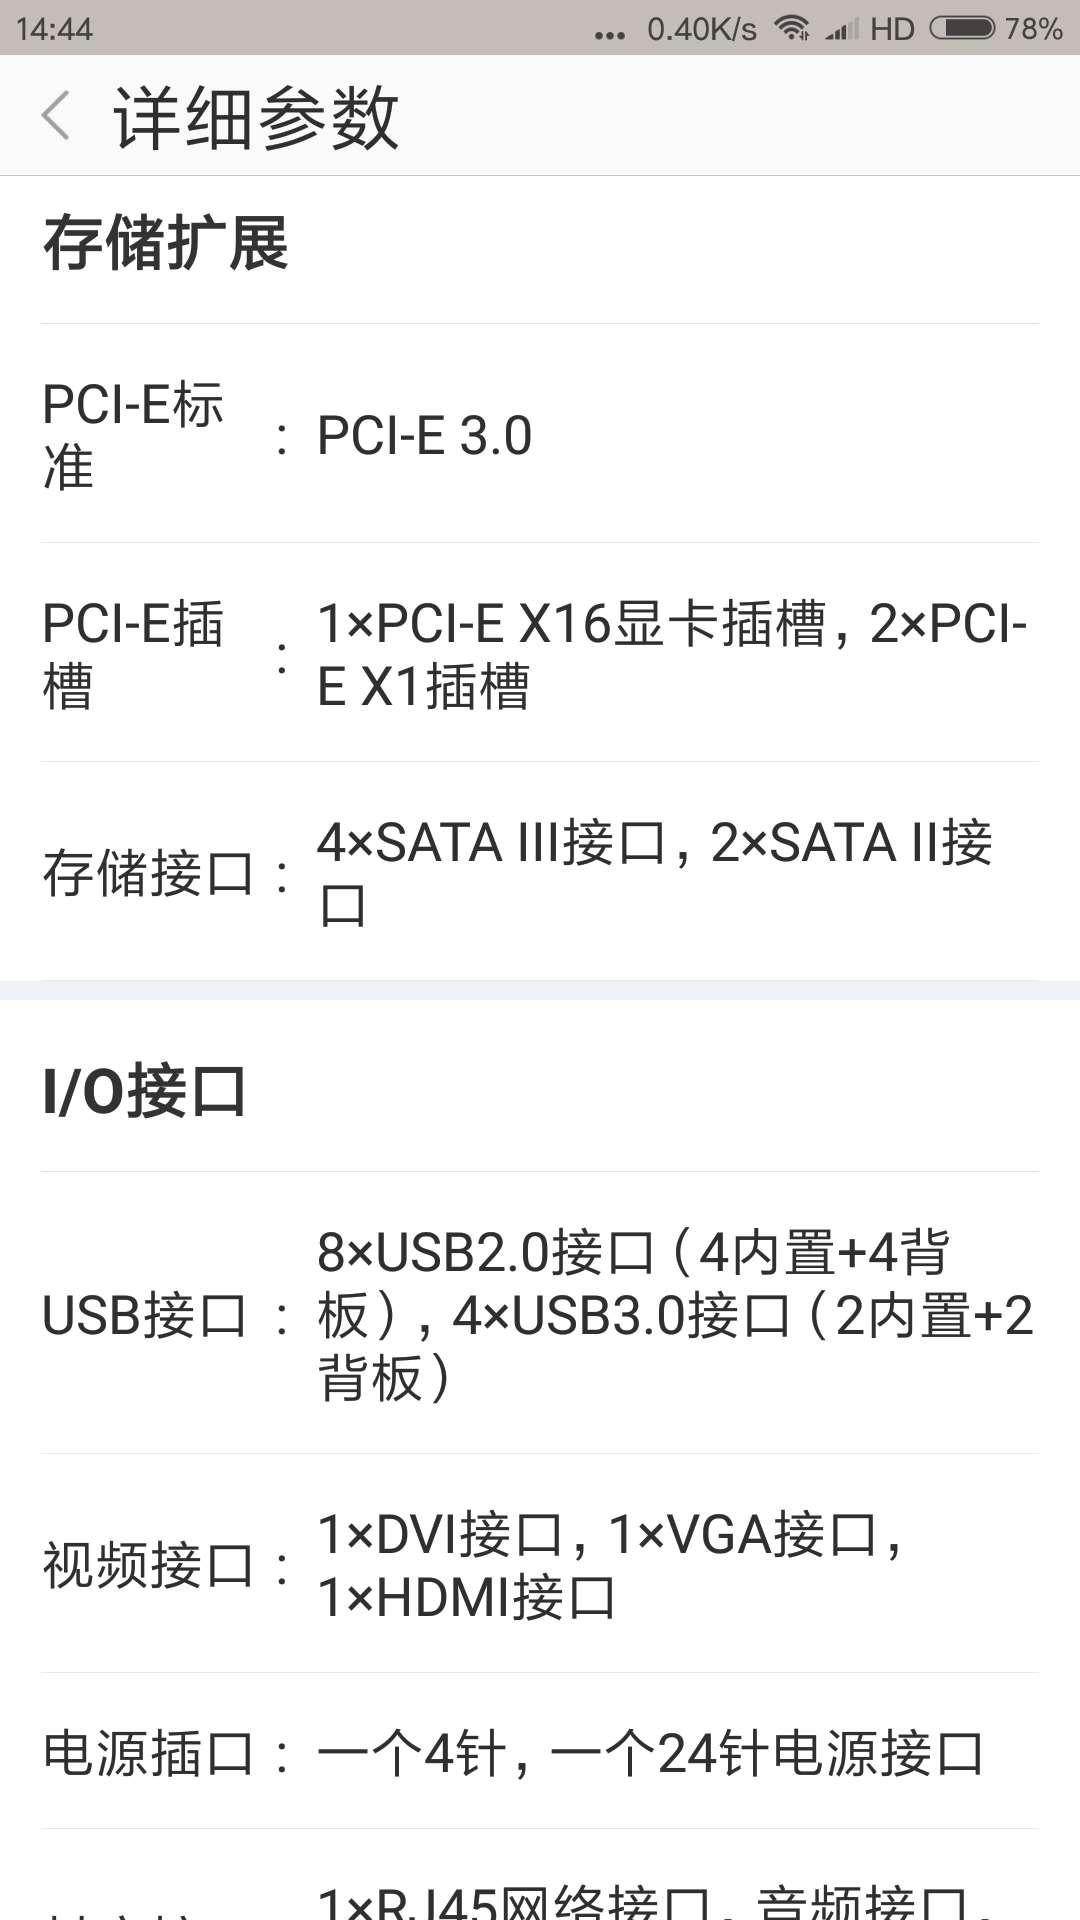 华硕 B85M-G小板可以支持多大的固态硬盘,什么接口的